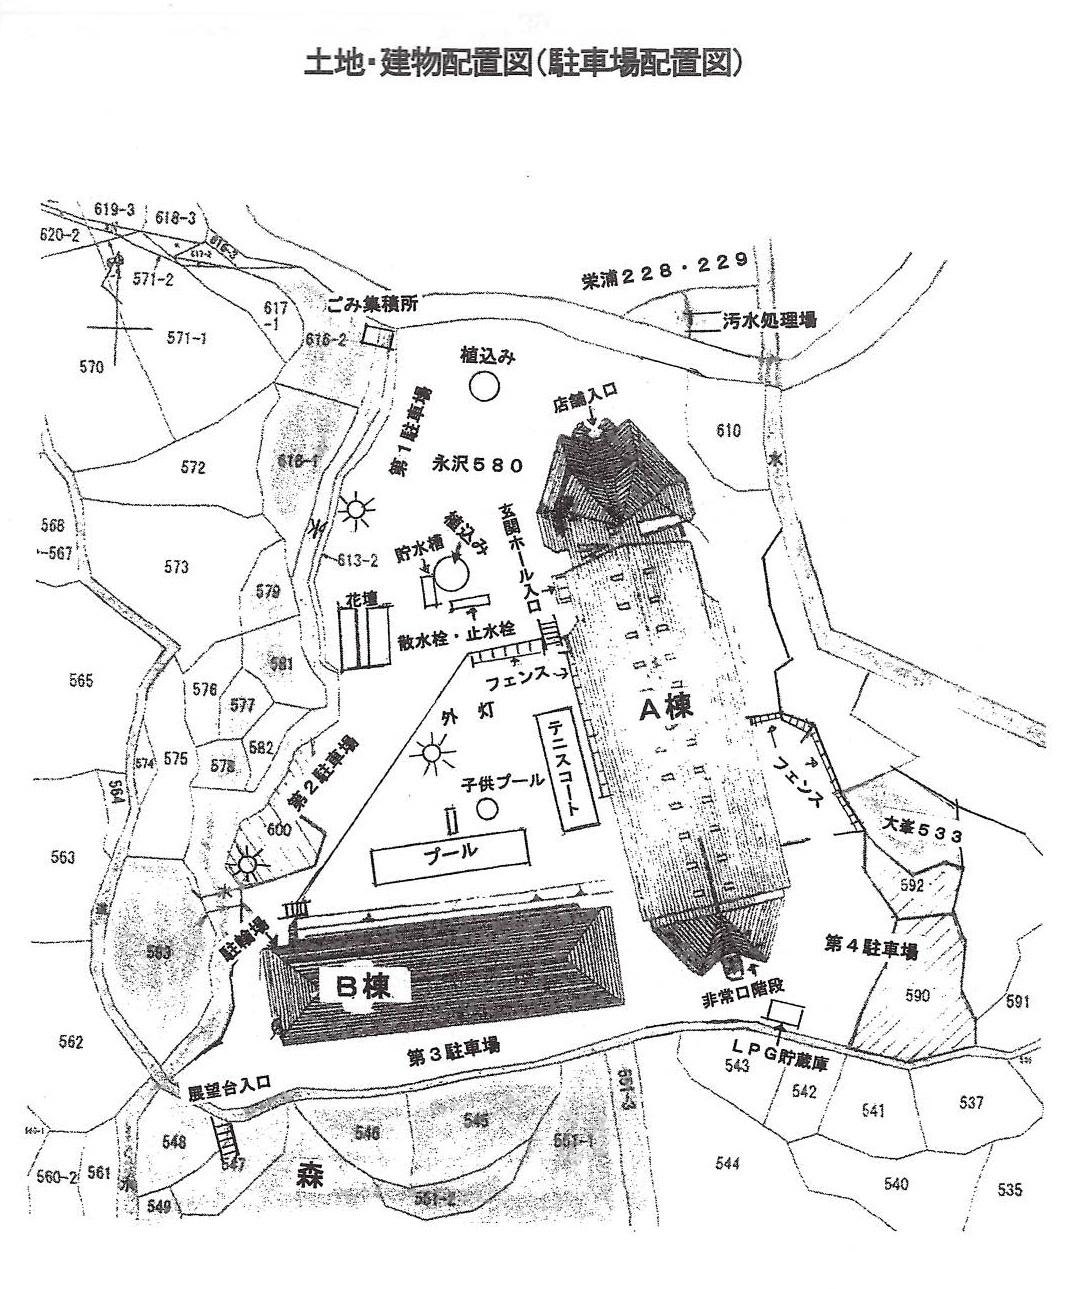 洲崎ロイヤルマンションの敷地概略